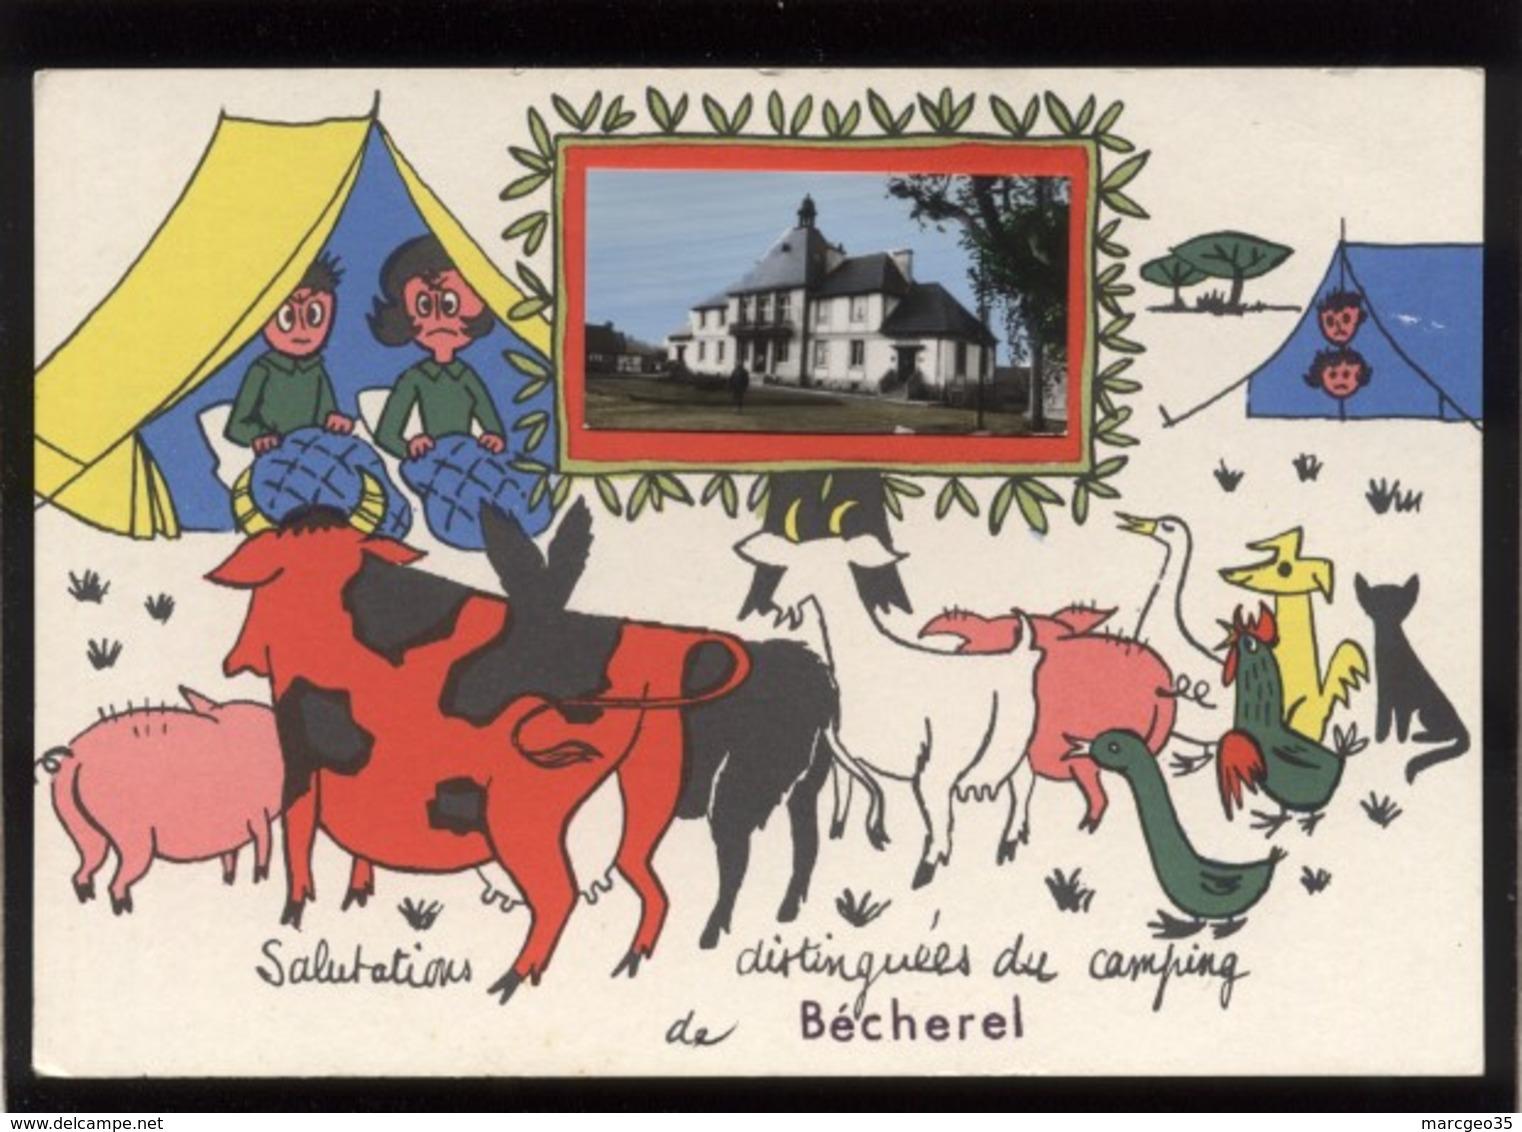 35 Bécherel Salutations Distinguées Du Camping De Bécherel Mini-vue Mairie édit. JP Silhouette De Chat Noir Vache Cochon - Bécherel